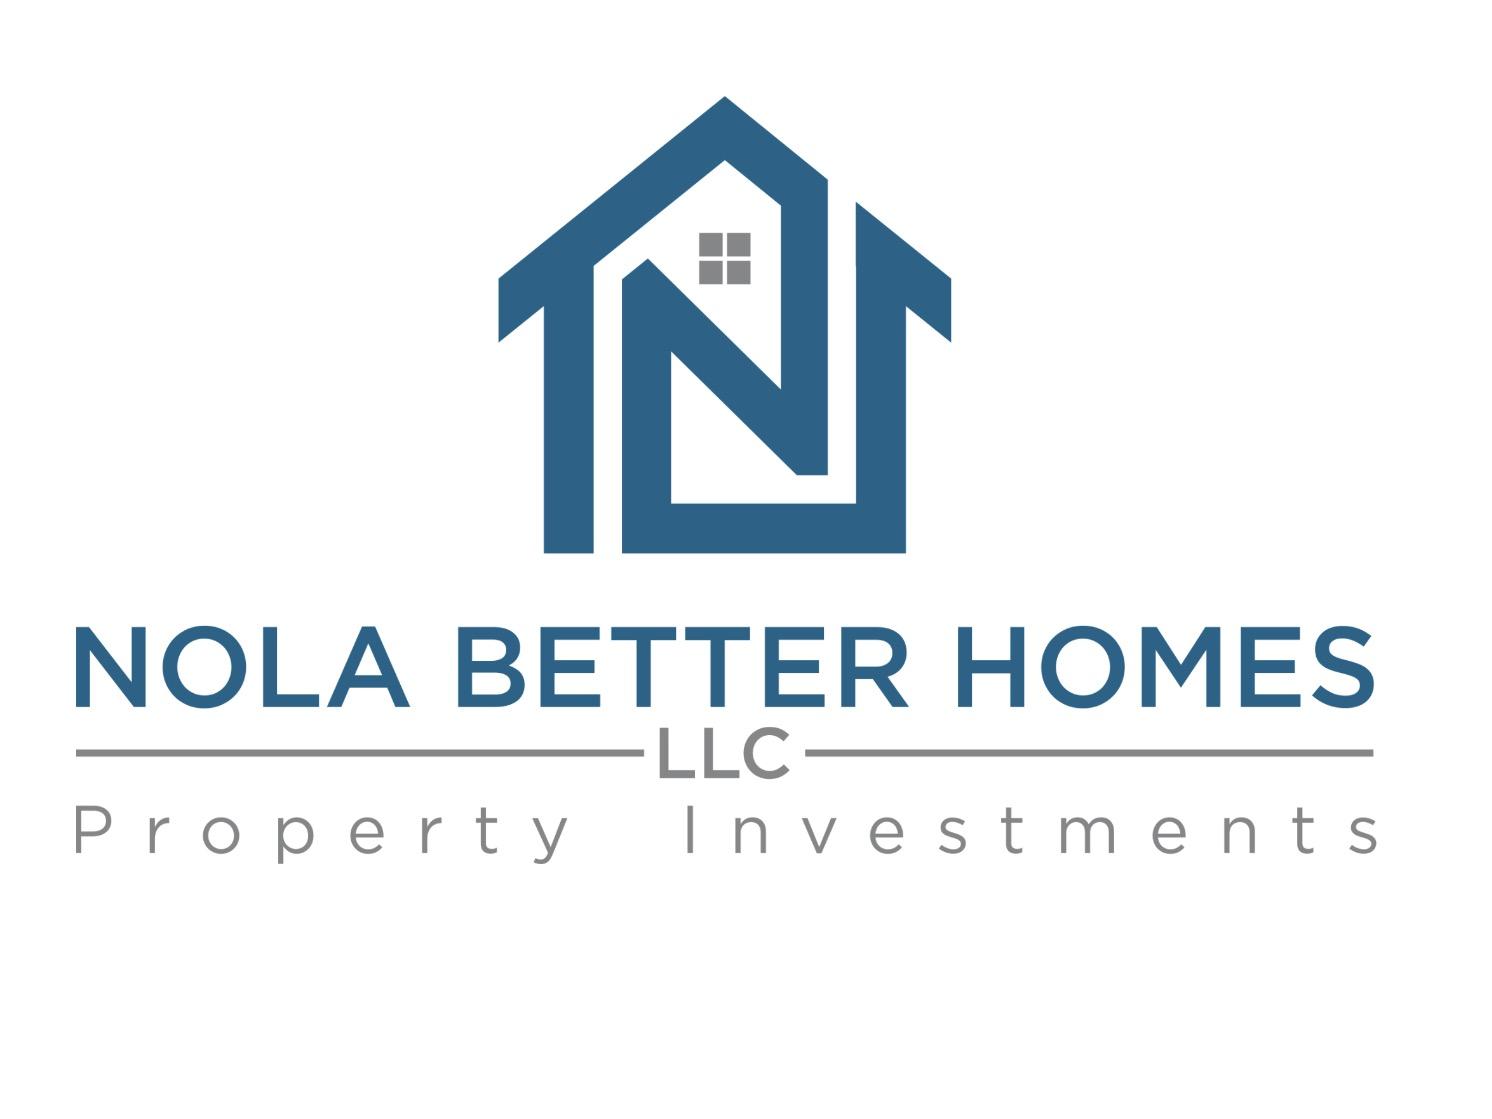 Nola Better Homes, LLC